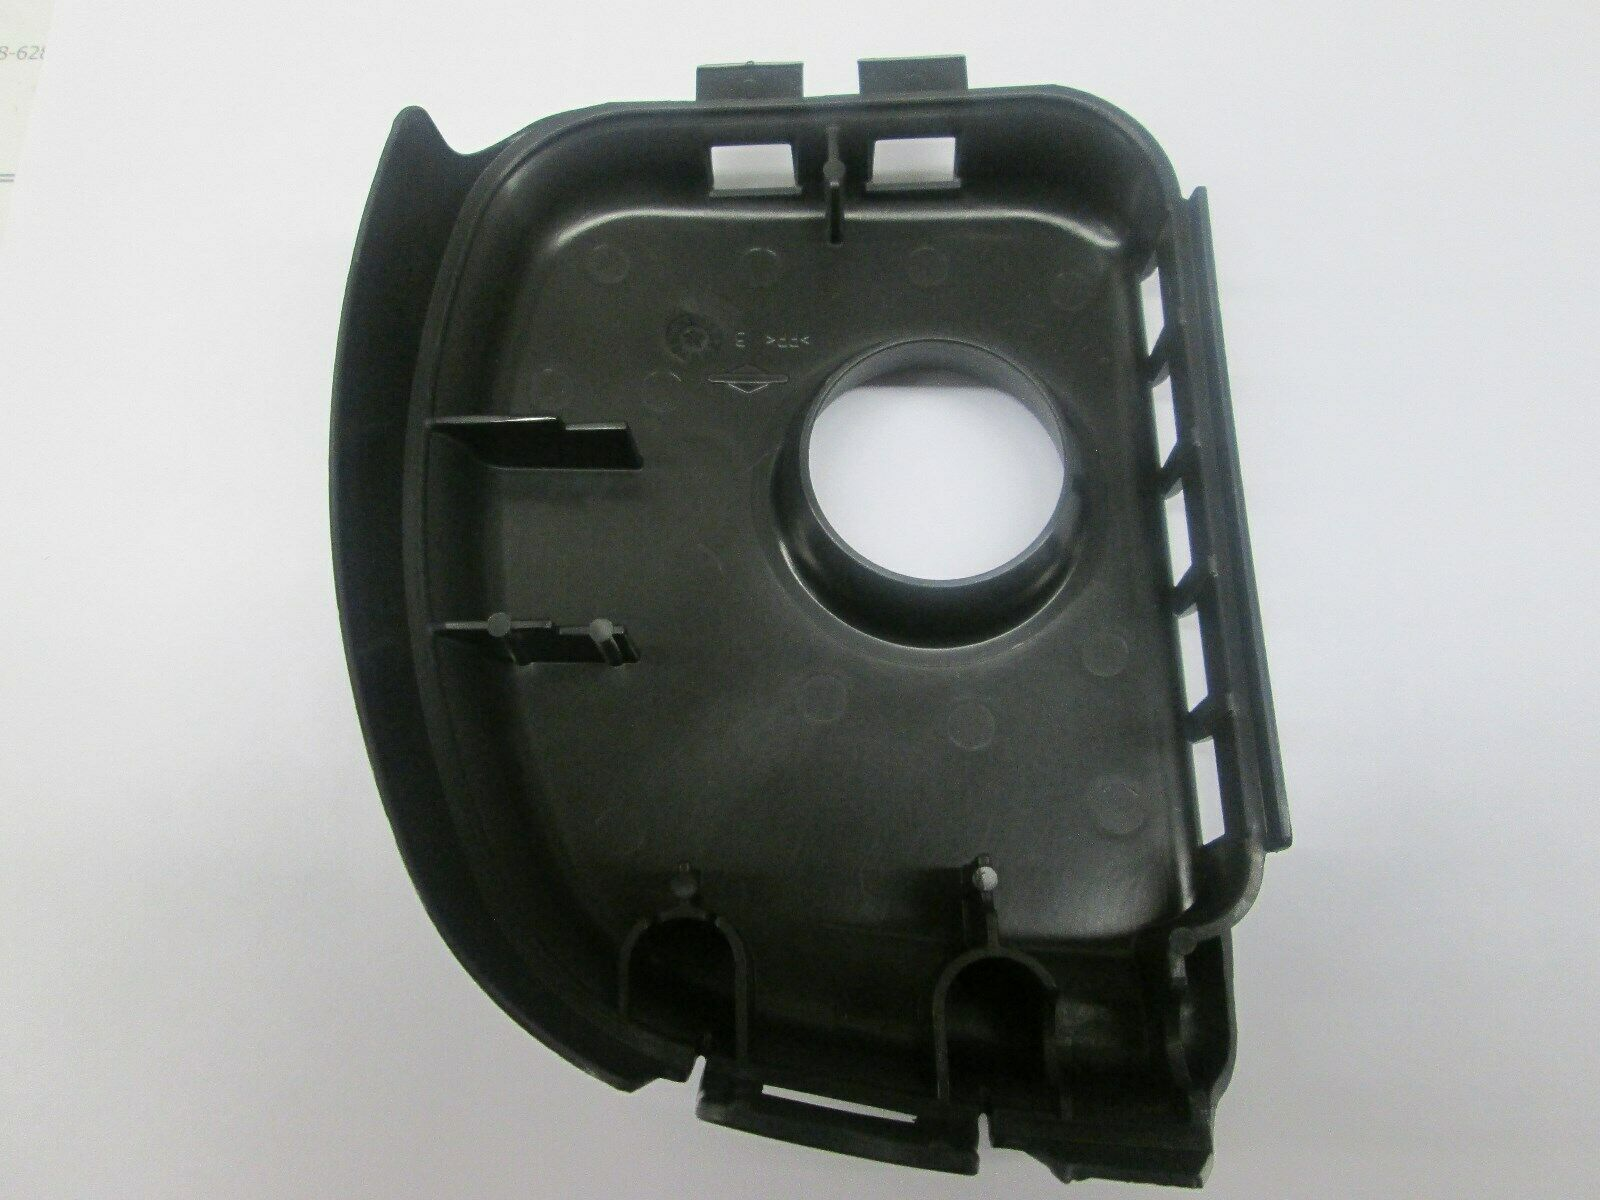 Genuine Original Equipment Manufacturer Briggs /& Stratton Base-Air cleaner Part # 595663